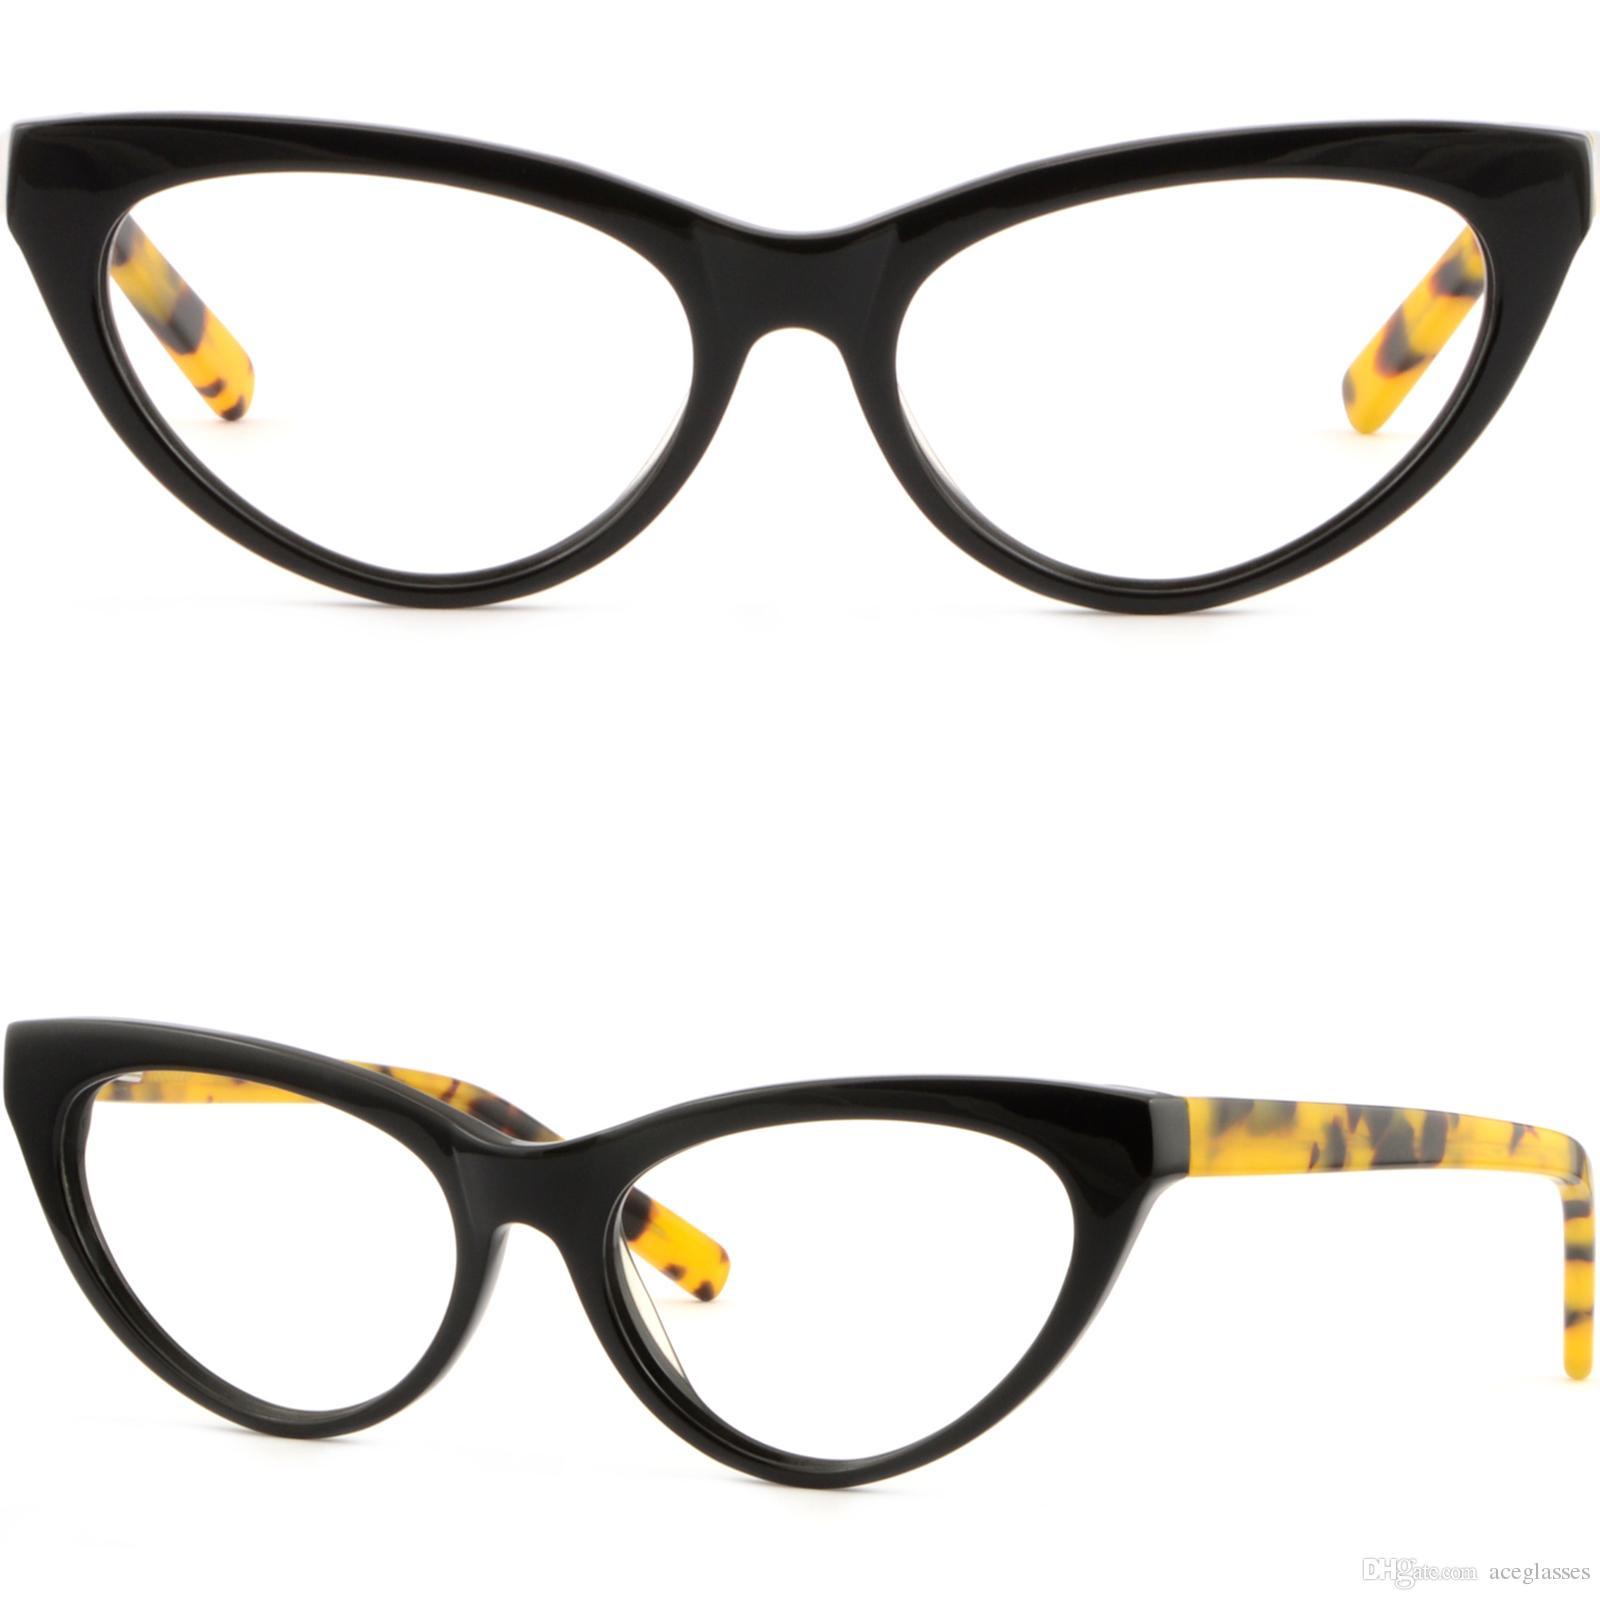 10622eba2e Compre Acetato Plástico Cat Eye Mujeres Cateye Black Frame Gafas Graduadas  Spring Arm A $20.26 Del Aceglasses | DHgate.Com